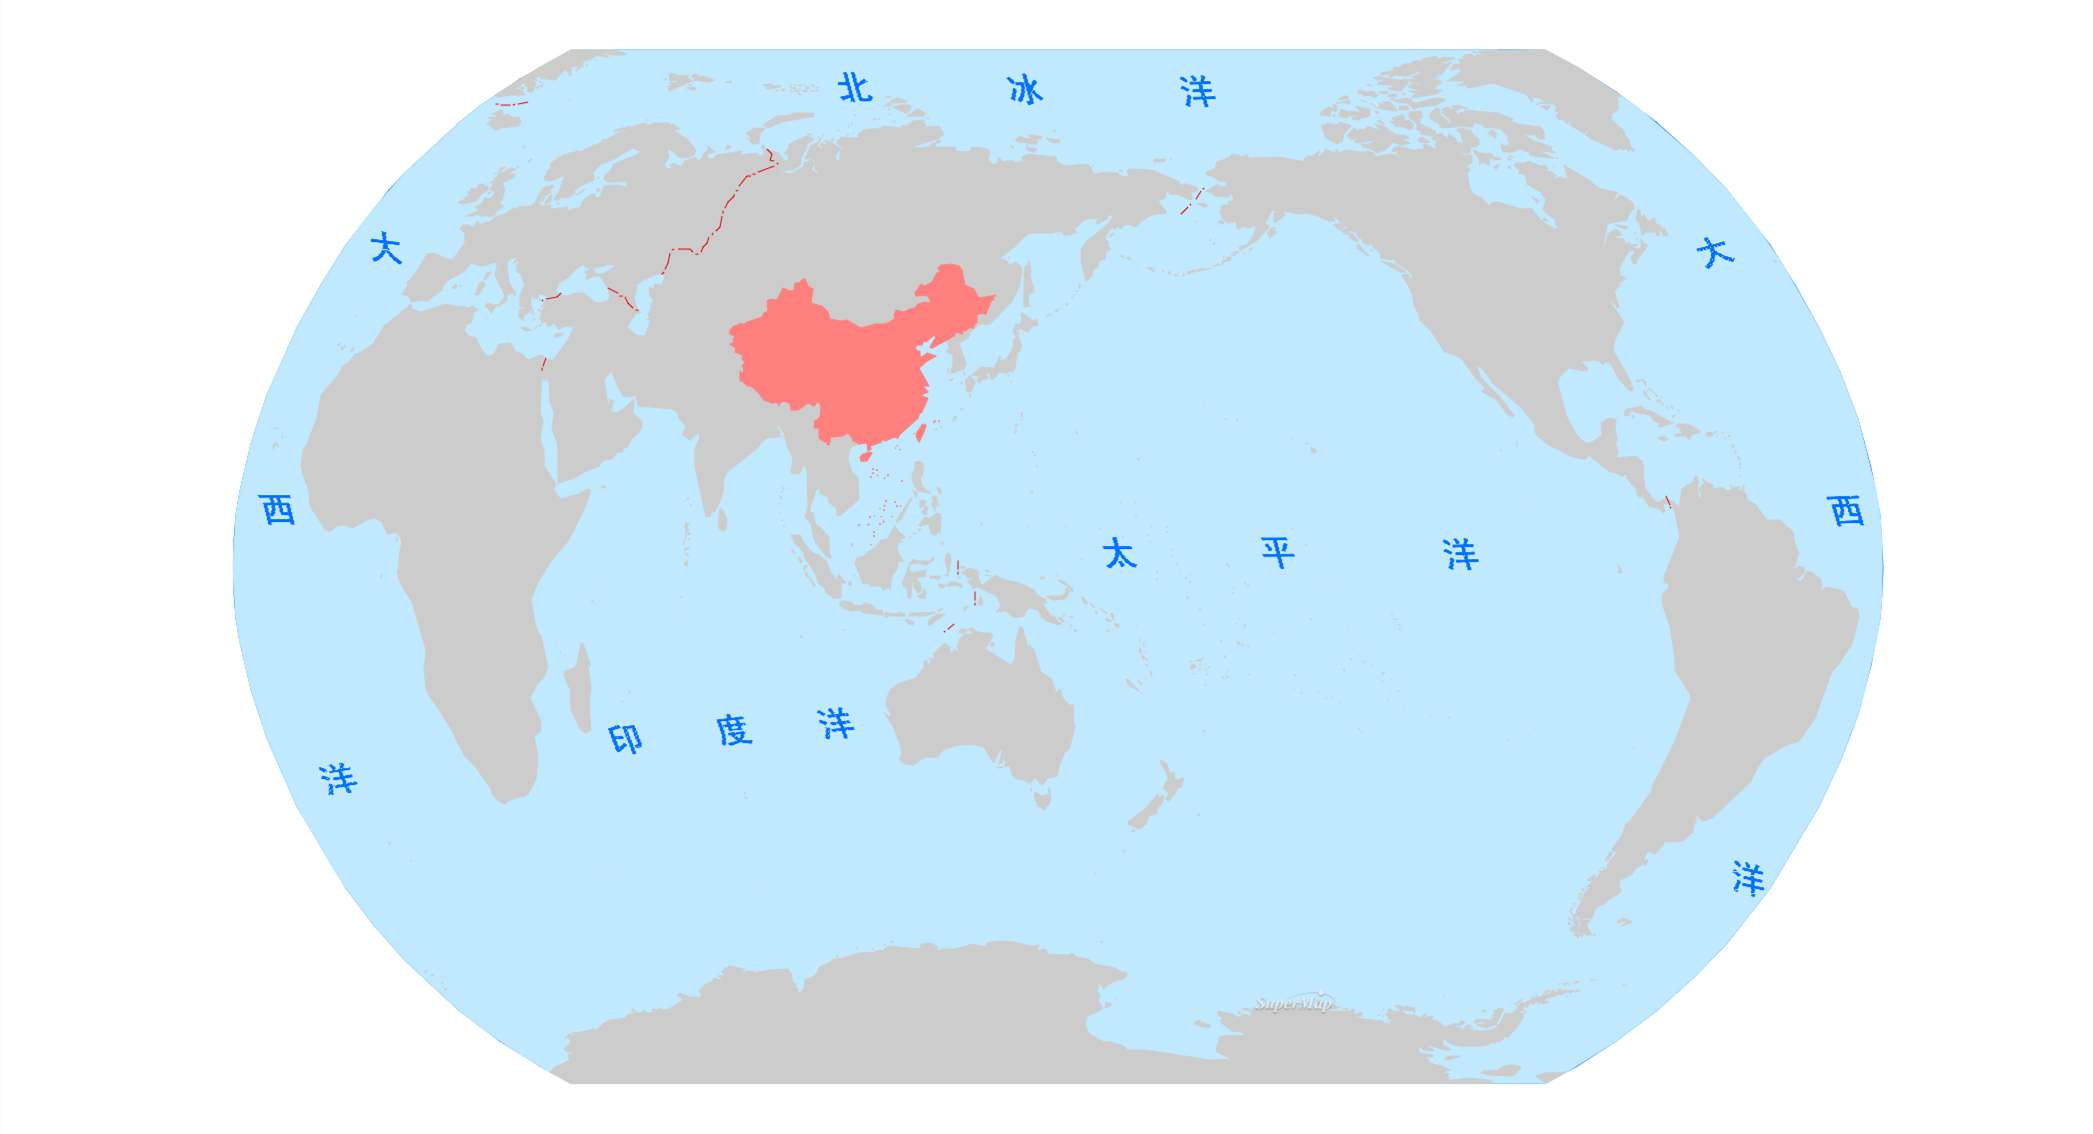 四大洋名称和地理位置